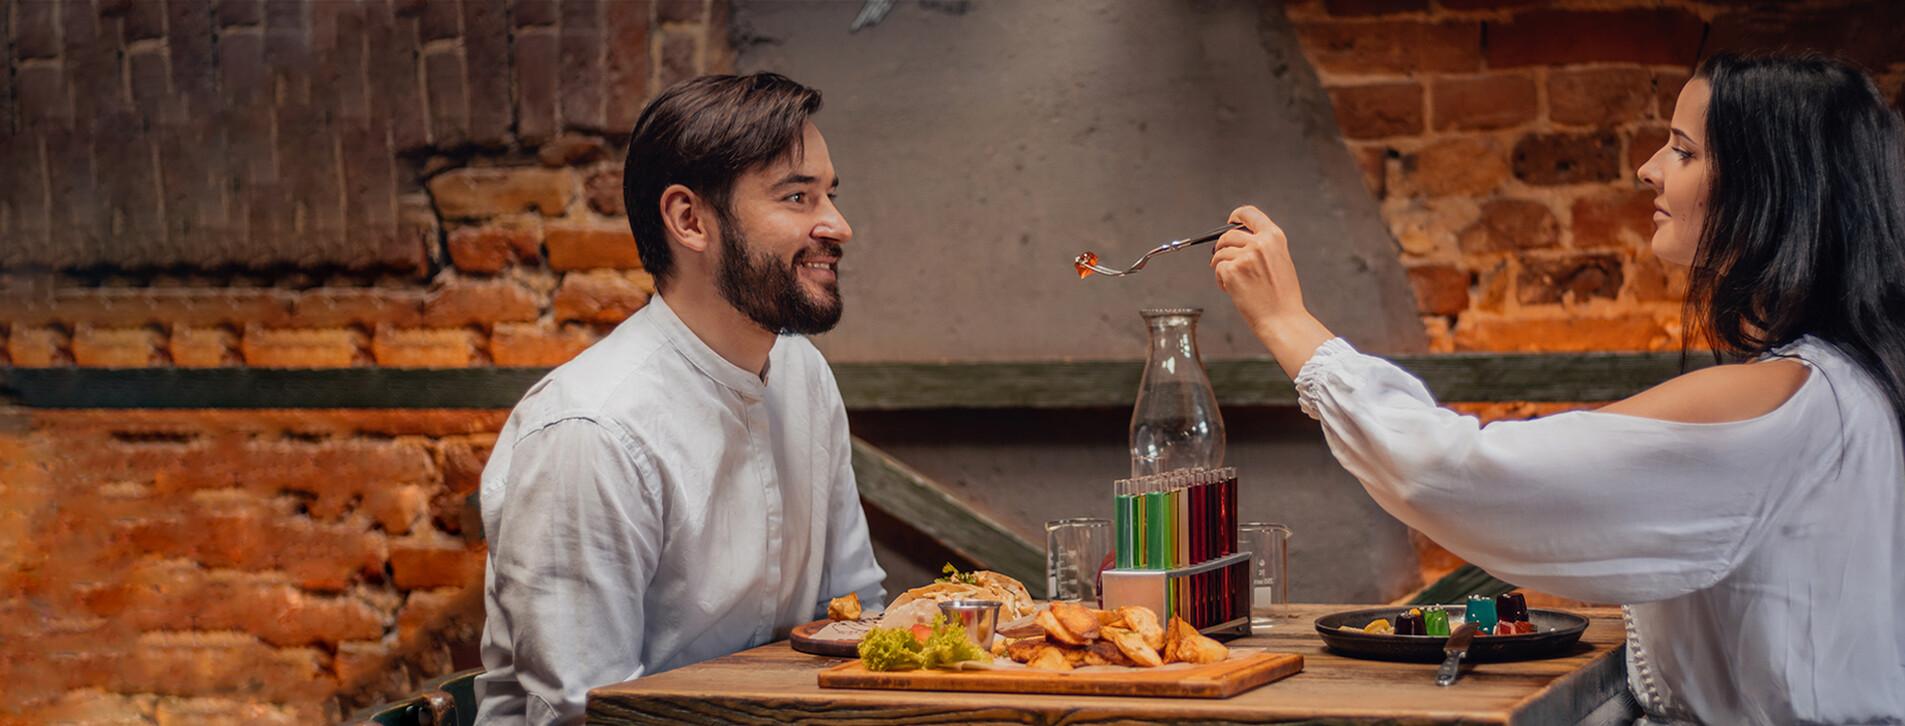 Фото 1 - Ужин в ресторации-музее «Гасова лямпа»